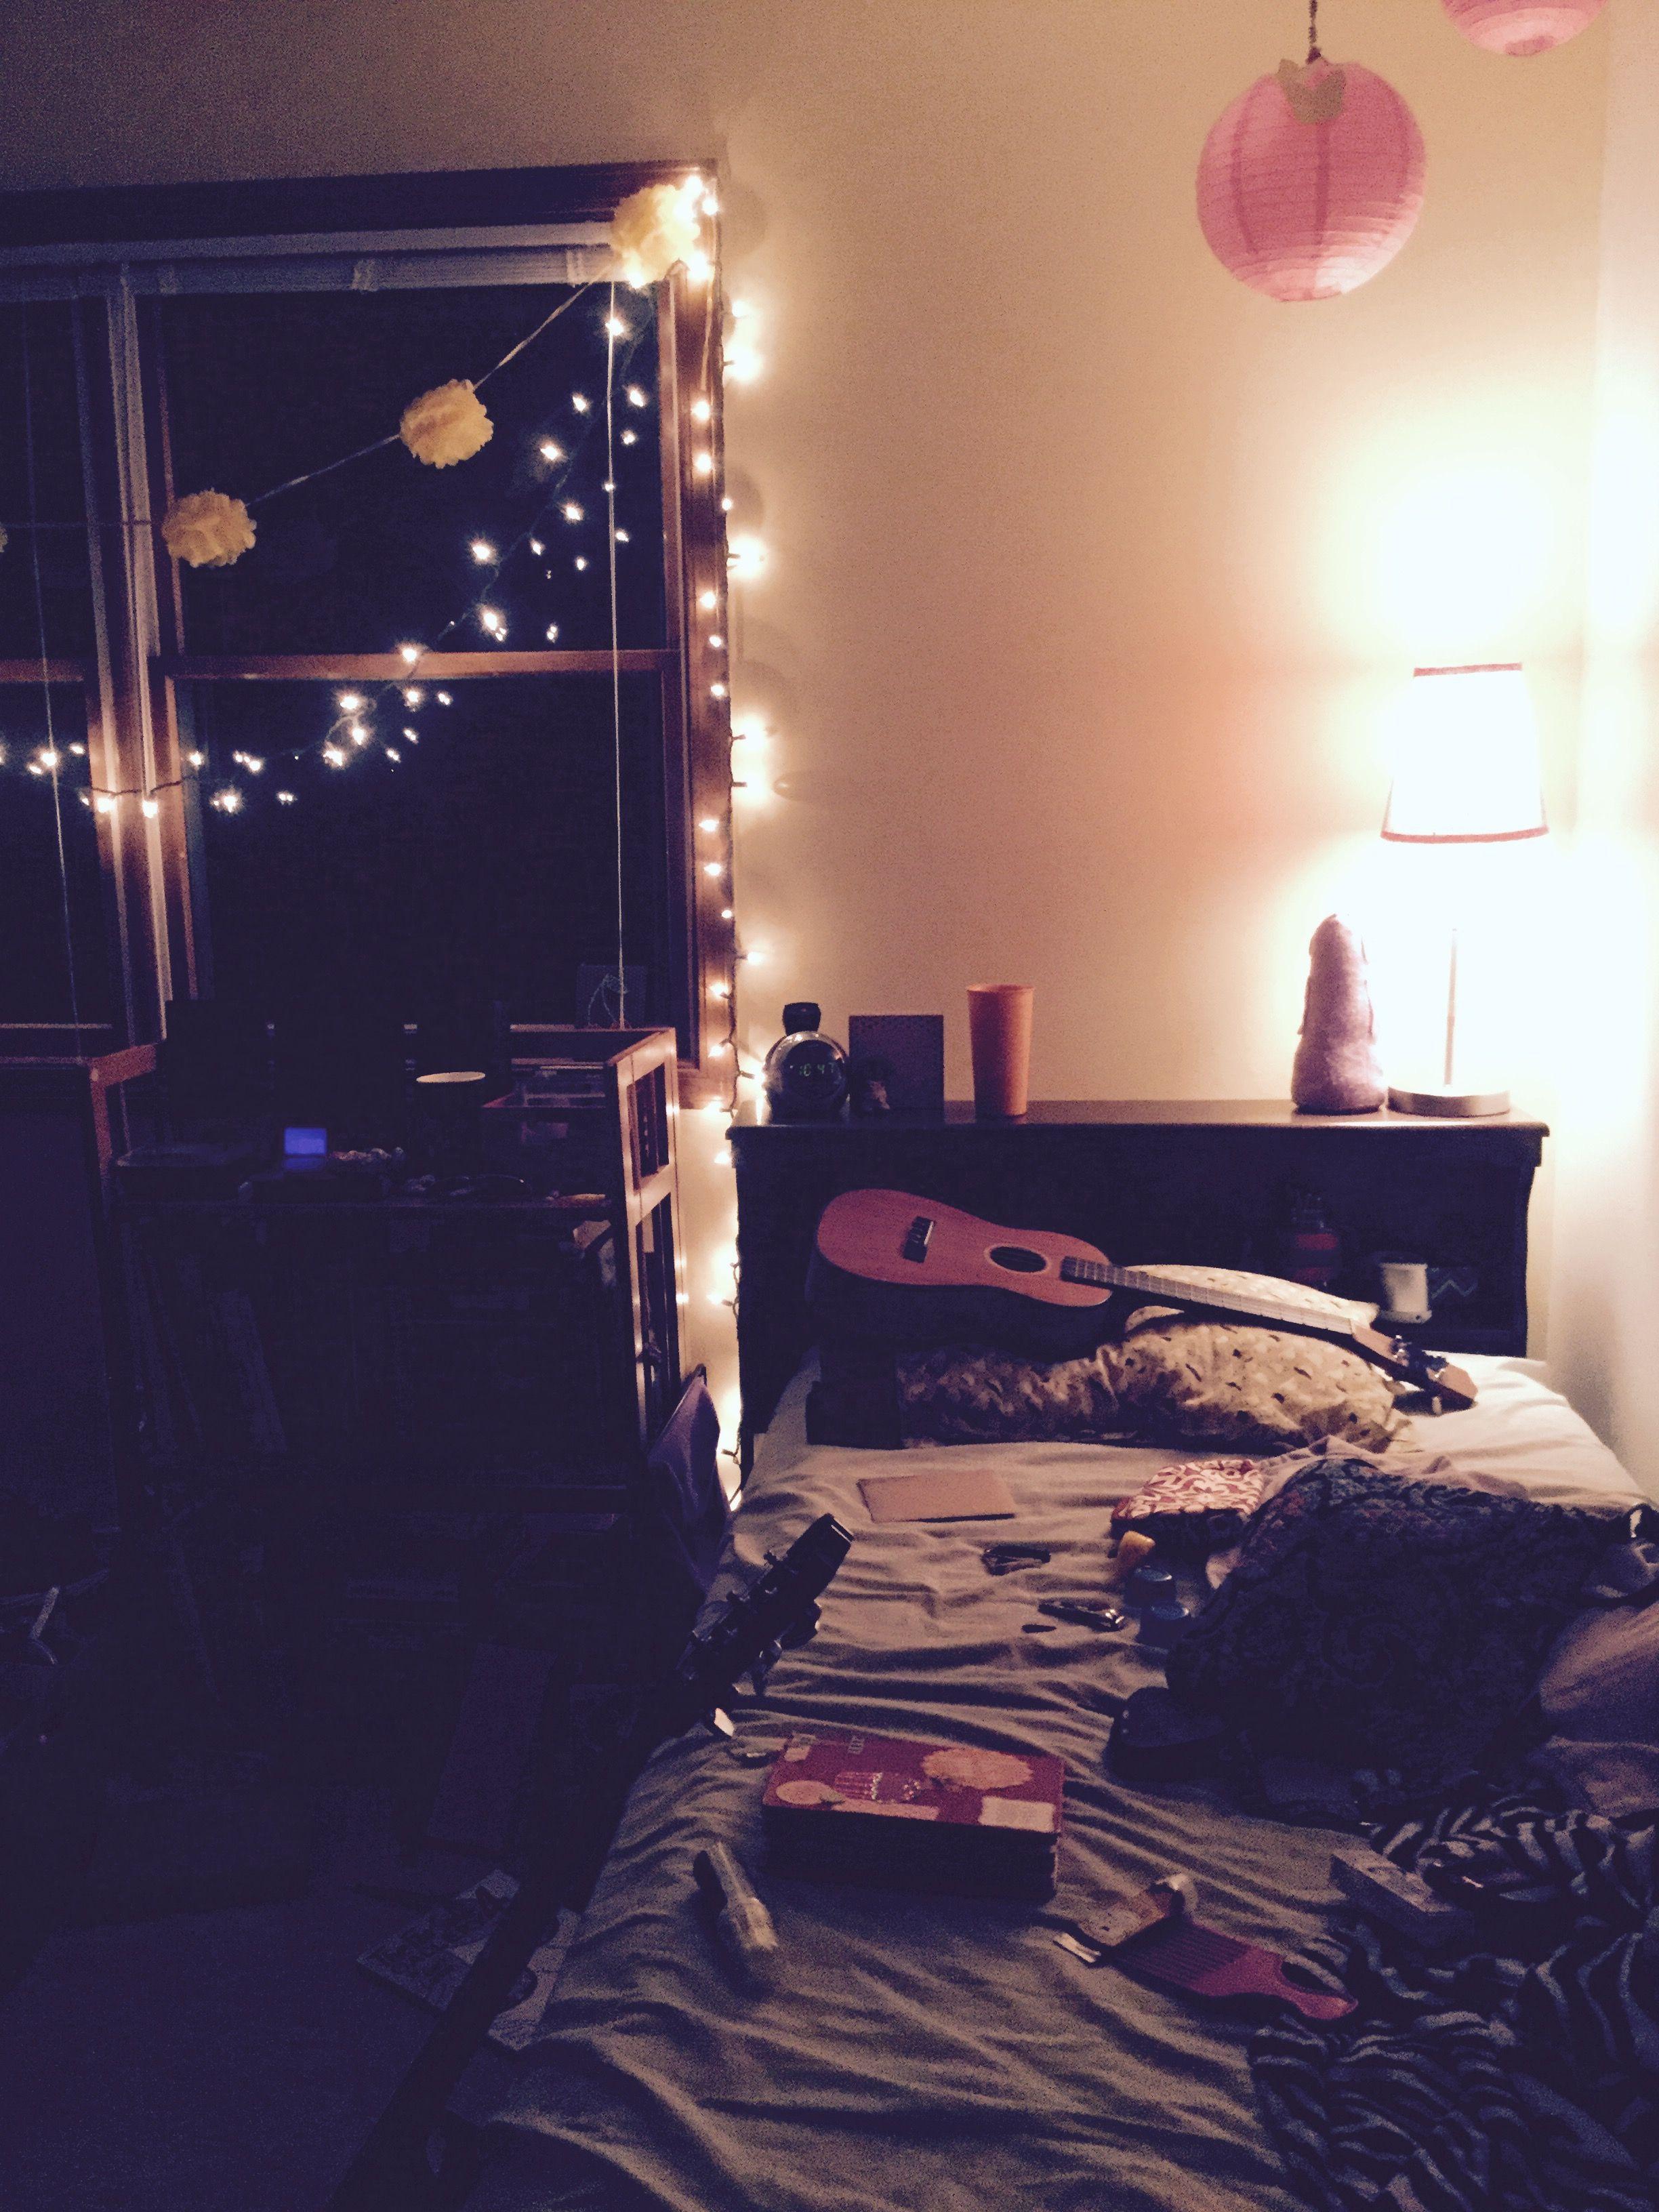 { Pinterest:: Yellowjaye } #insta #lights #twinkly #bedroom #aesthetic